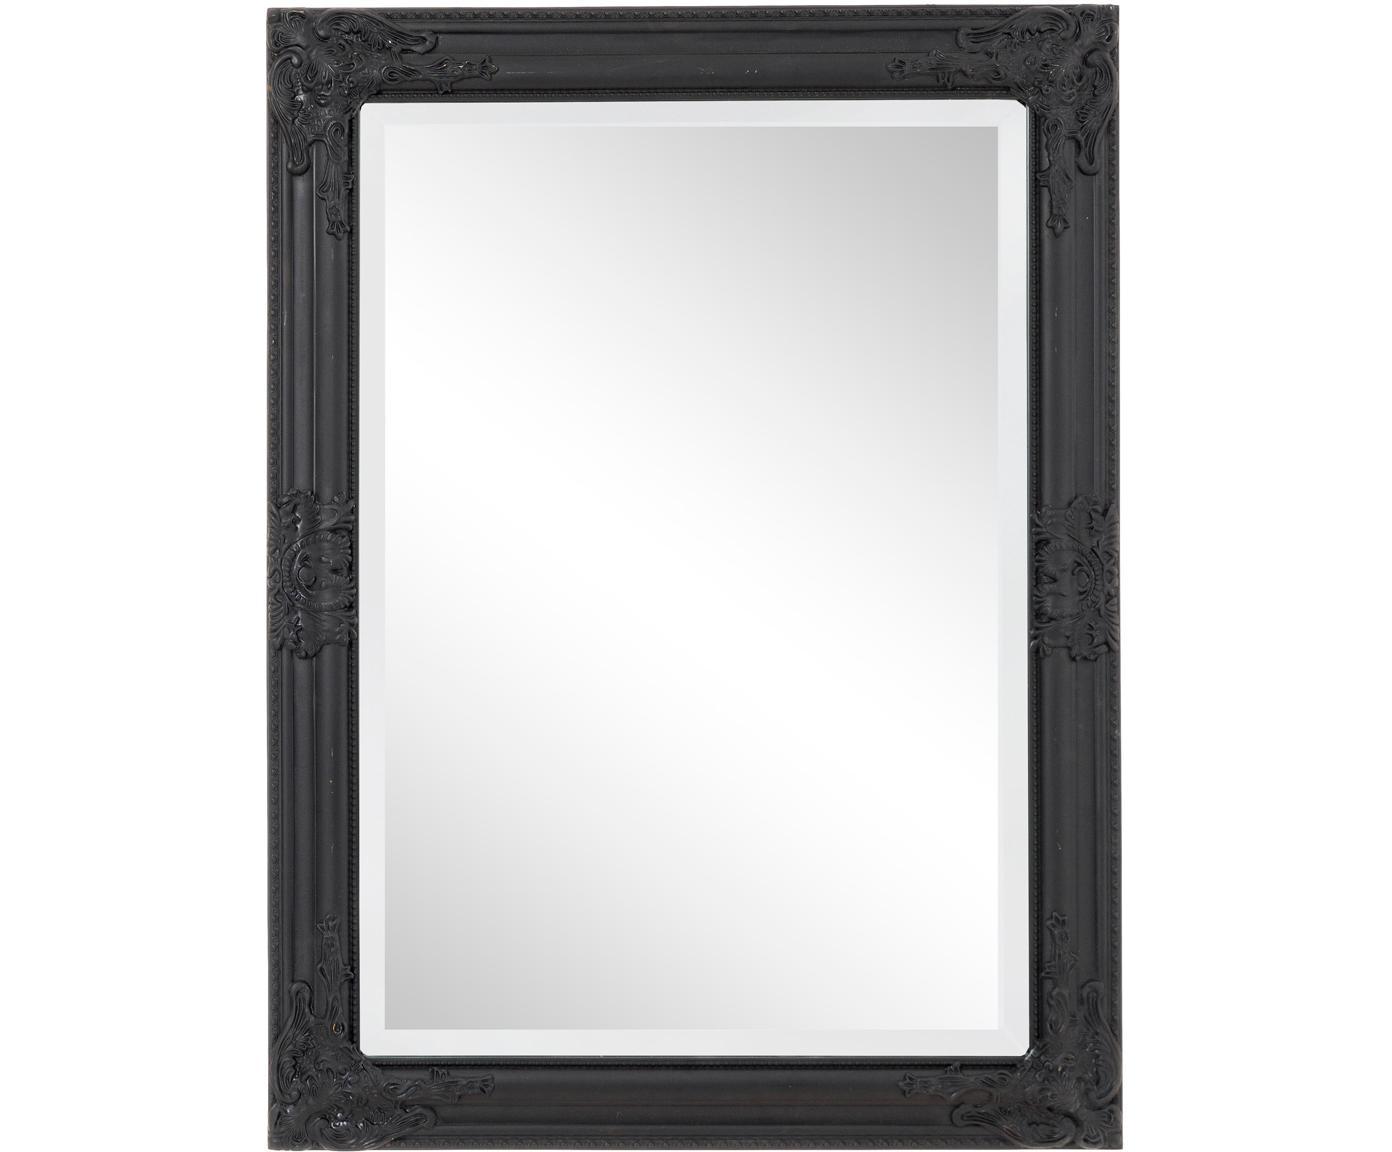 Wandspiegel Miro met zwarte houten lijst, Lijst: gecoat hout, Zwart, 62 x 82 cm